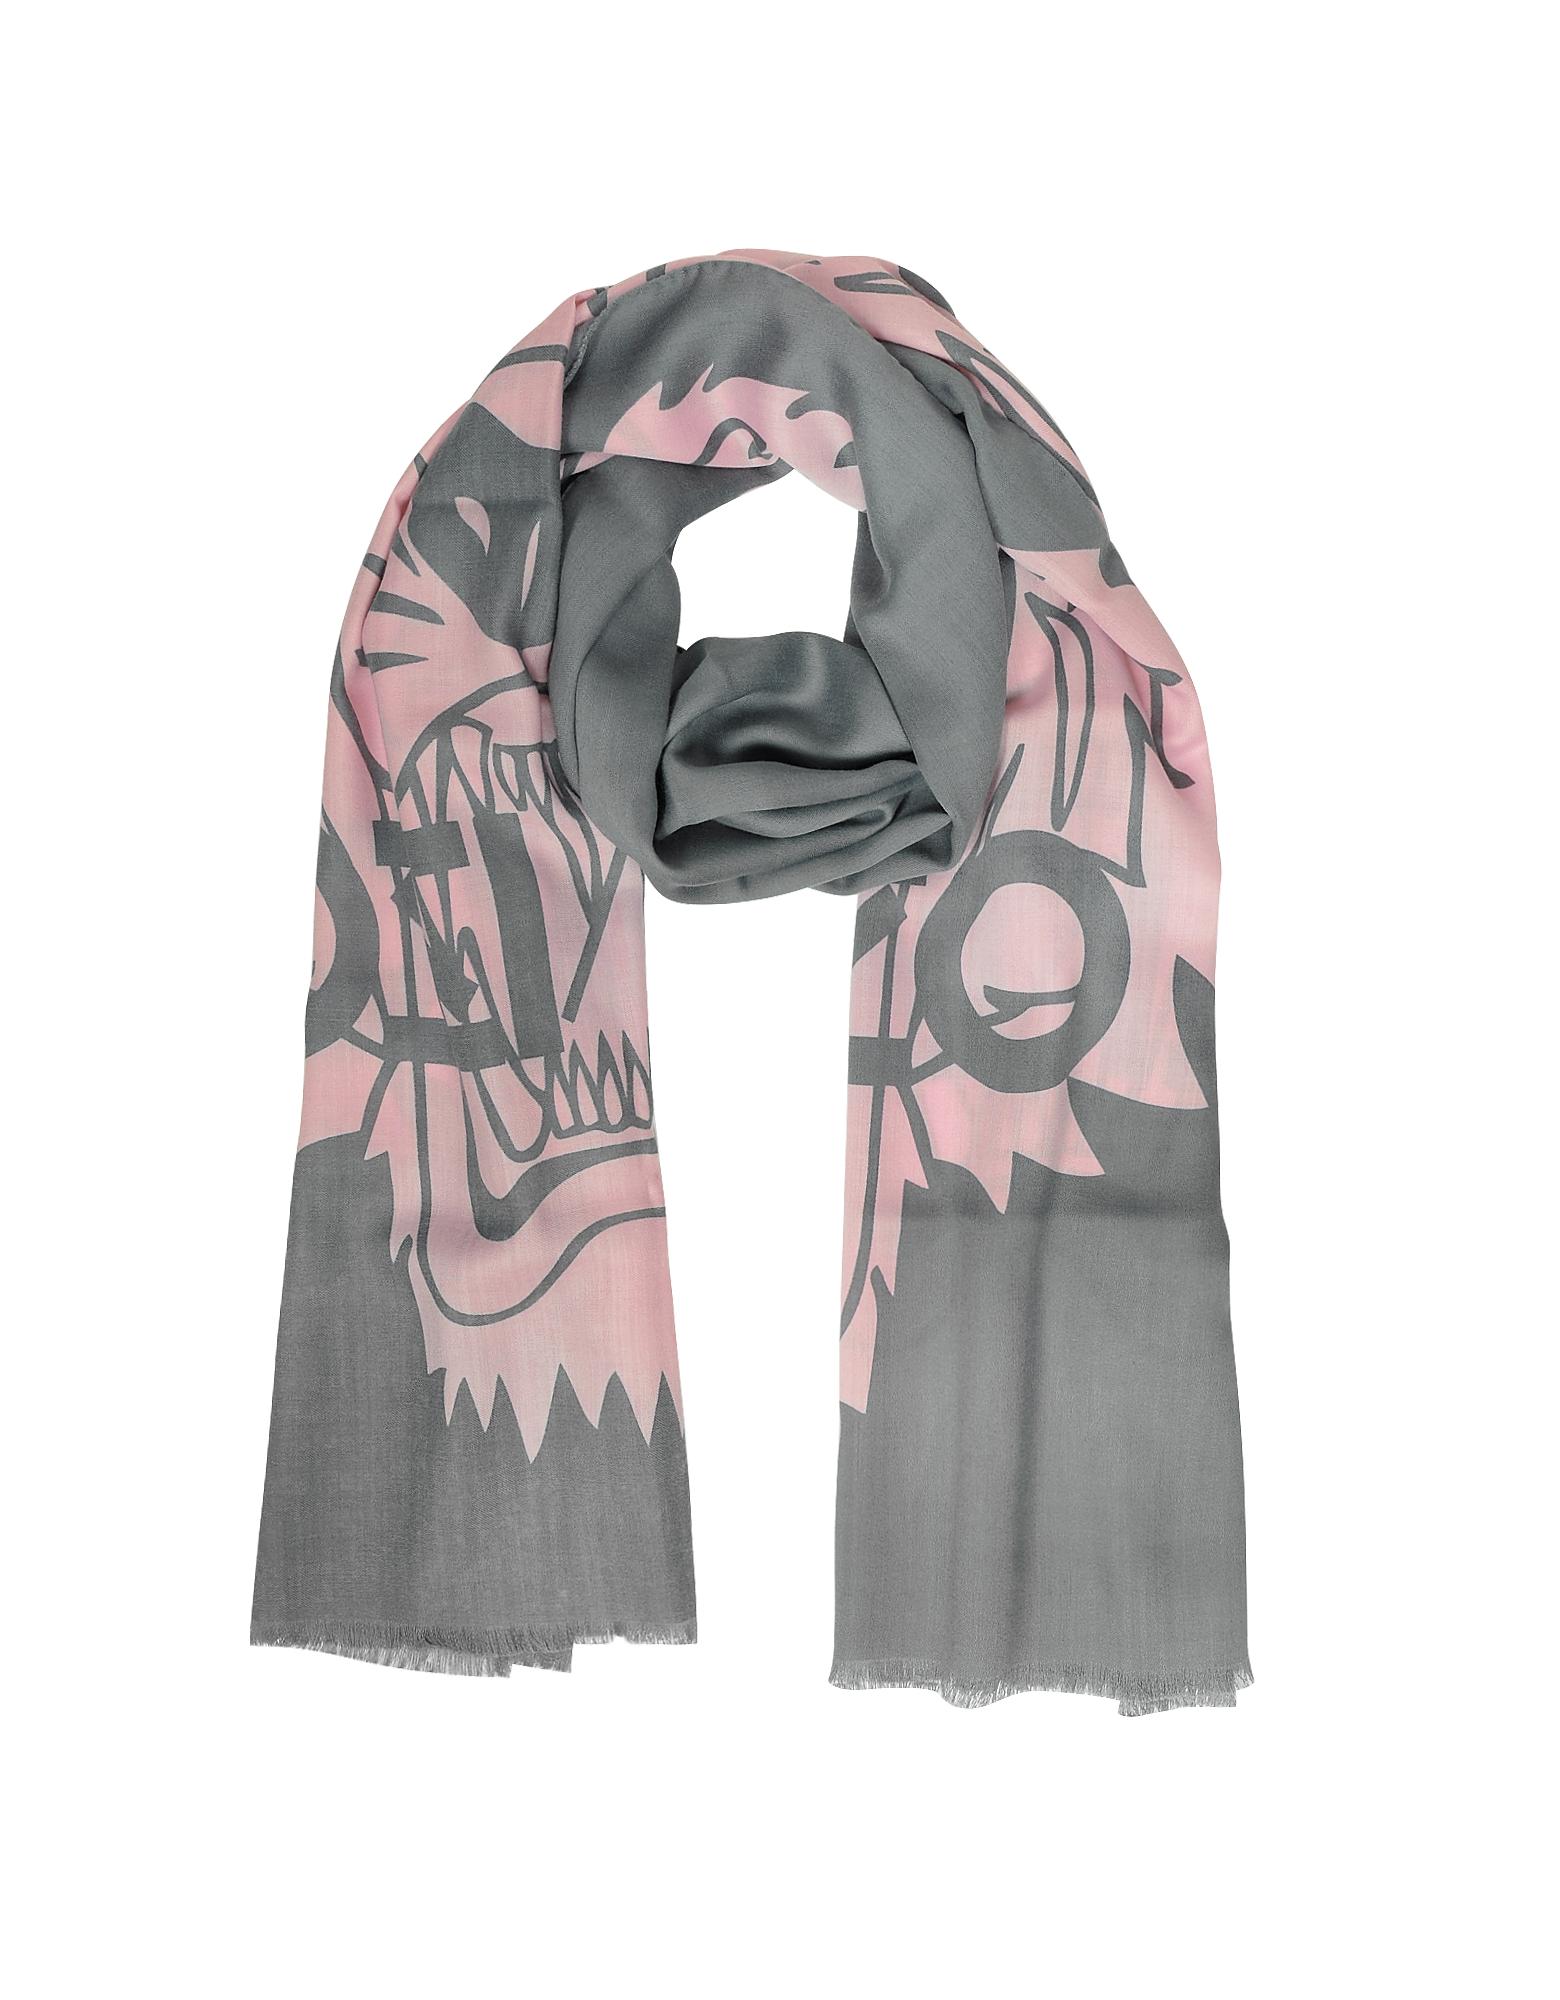 Шаль Серого и Розового Цветов из Шерсти и Шелка с Тиграми